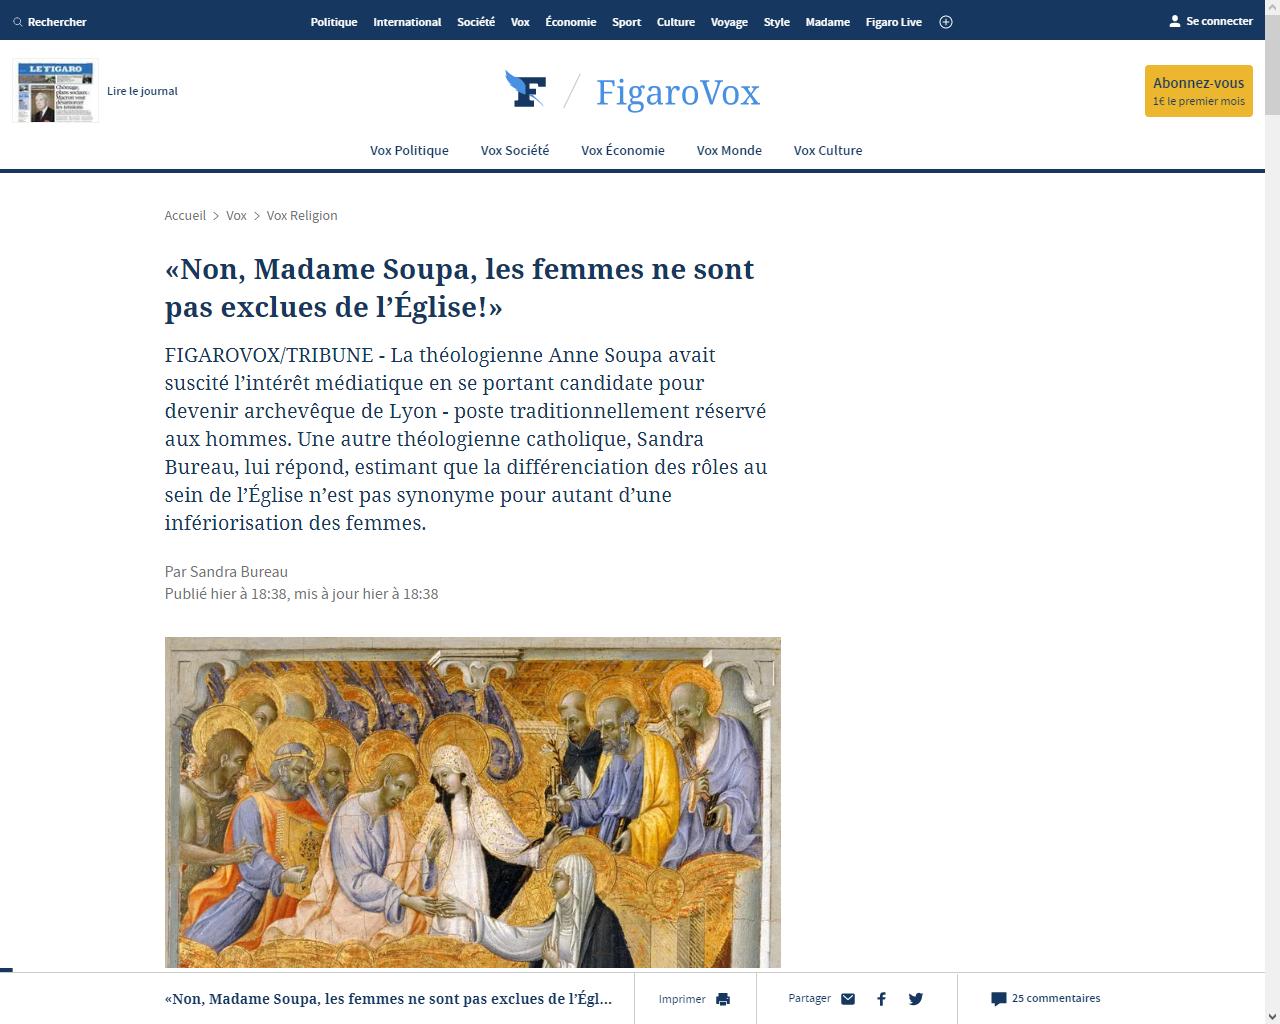 https://www.lefigaro.fr/vox/religion/non-madame-soupa-les-femmes-ne-sont-pas-exclues-de-l-eglise-20200624